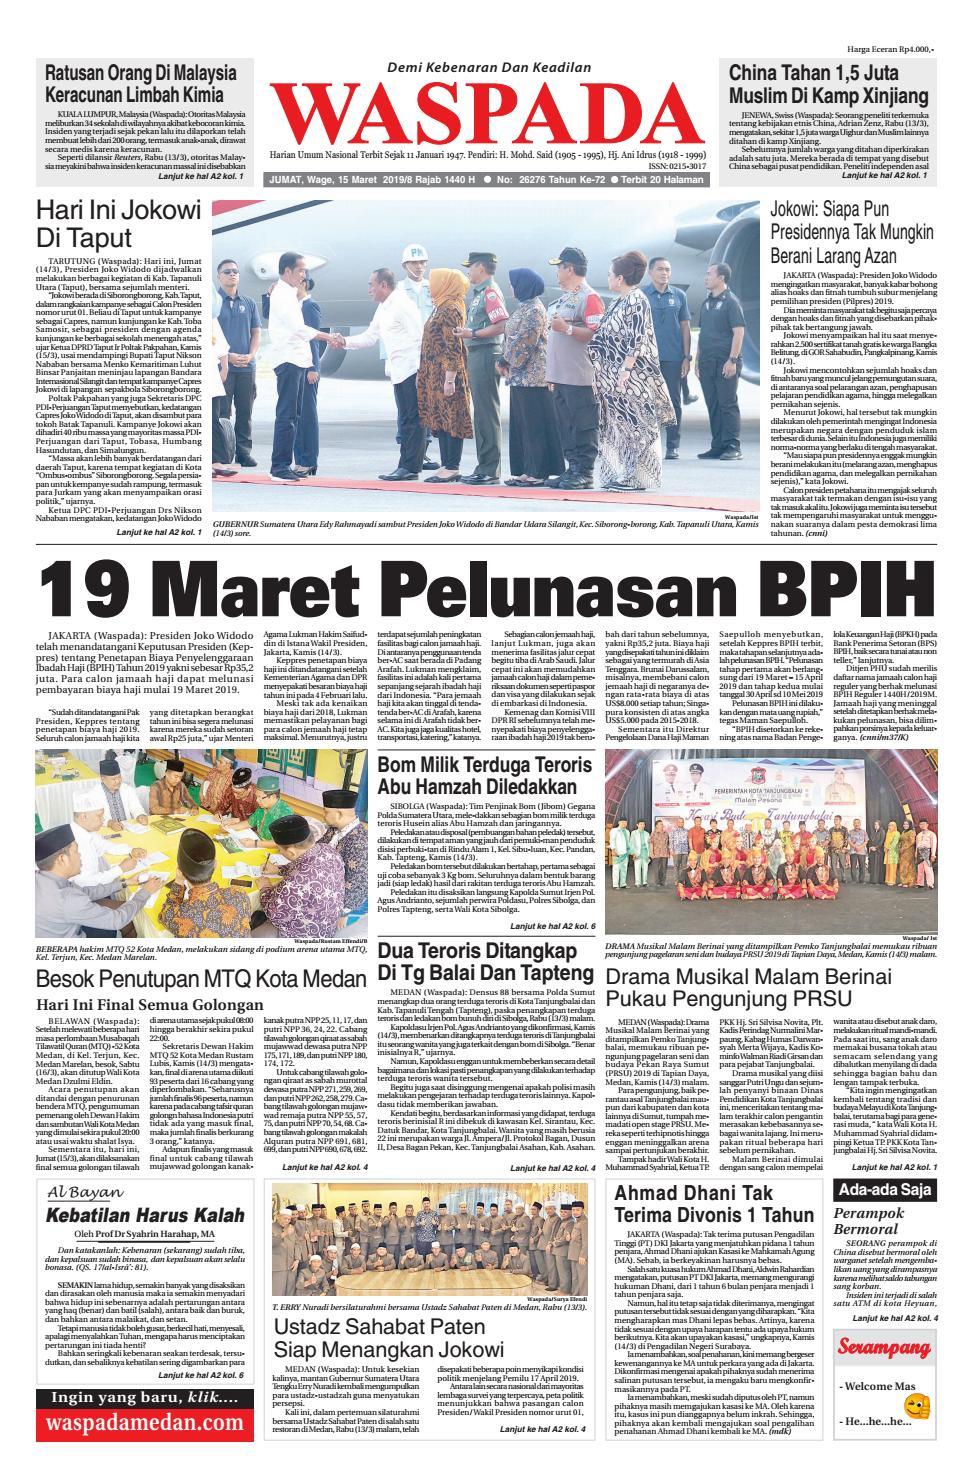 Waspada Jumat 15 Maret 2019 by Harian Waspada issuu